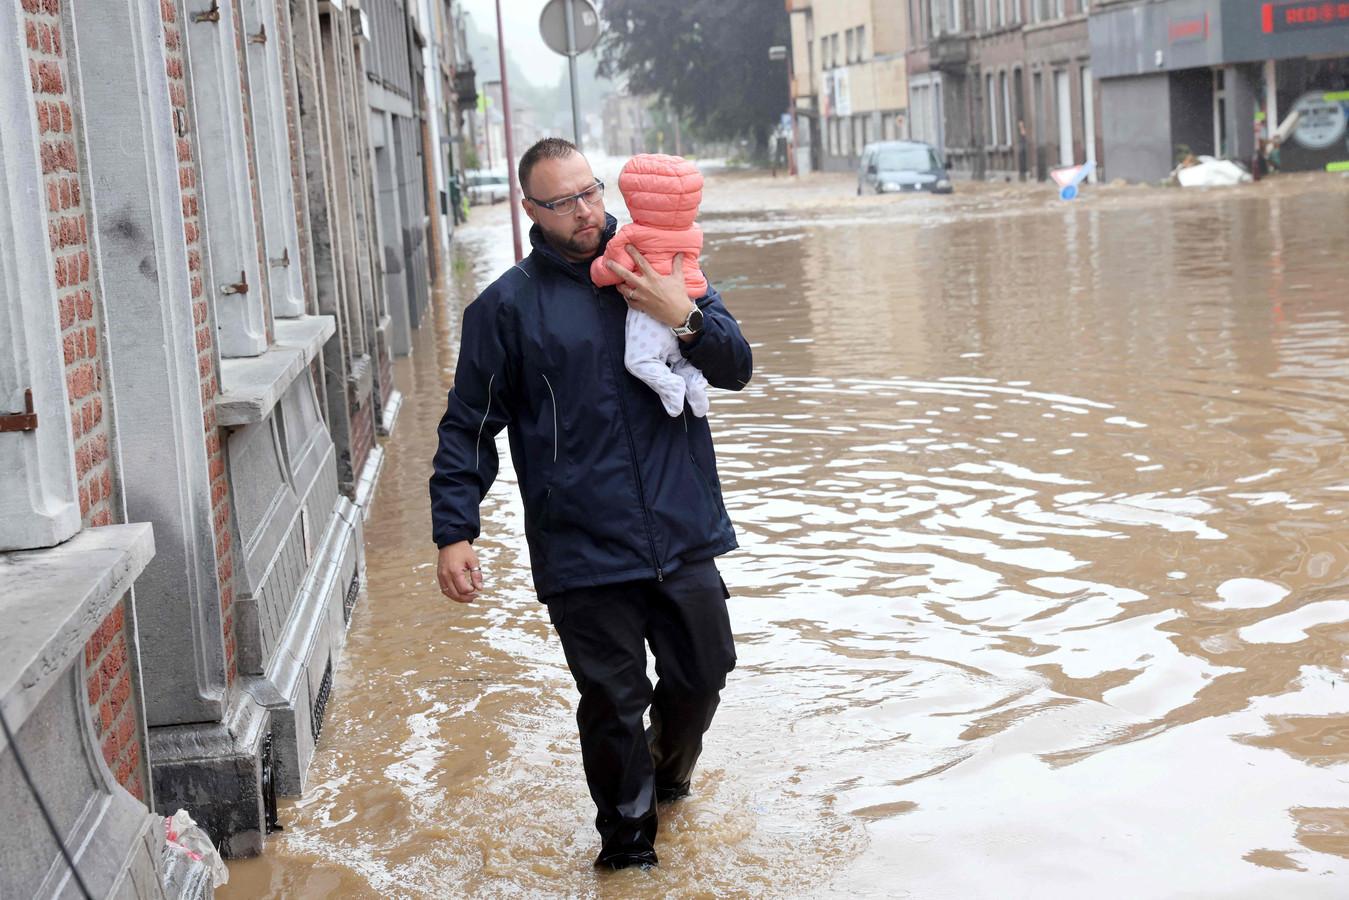 Een vader brengt zijn baby in veiligheid in het ondergelopen Hognoul (Awans, provincie Luik).